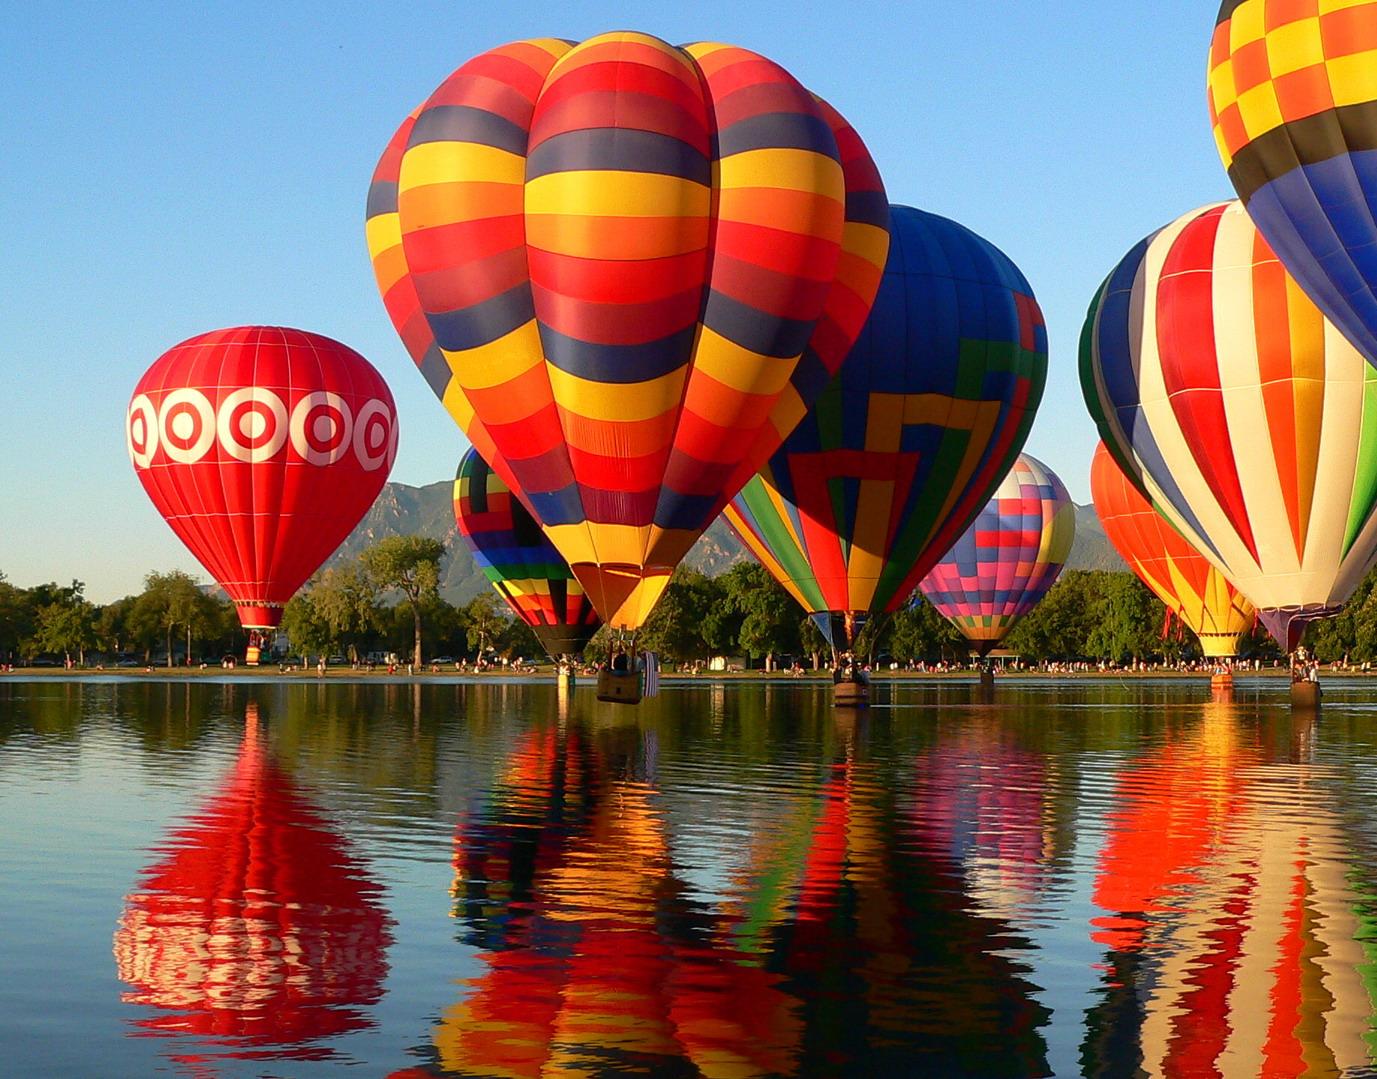 中国热气球_中国哪里有热气球 _排行榜大全